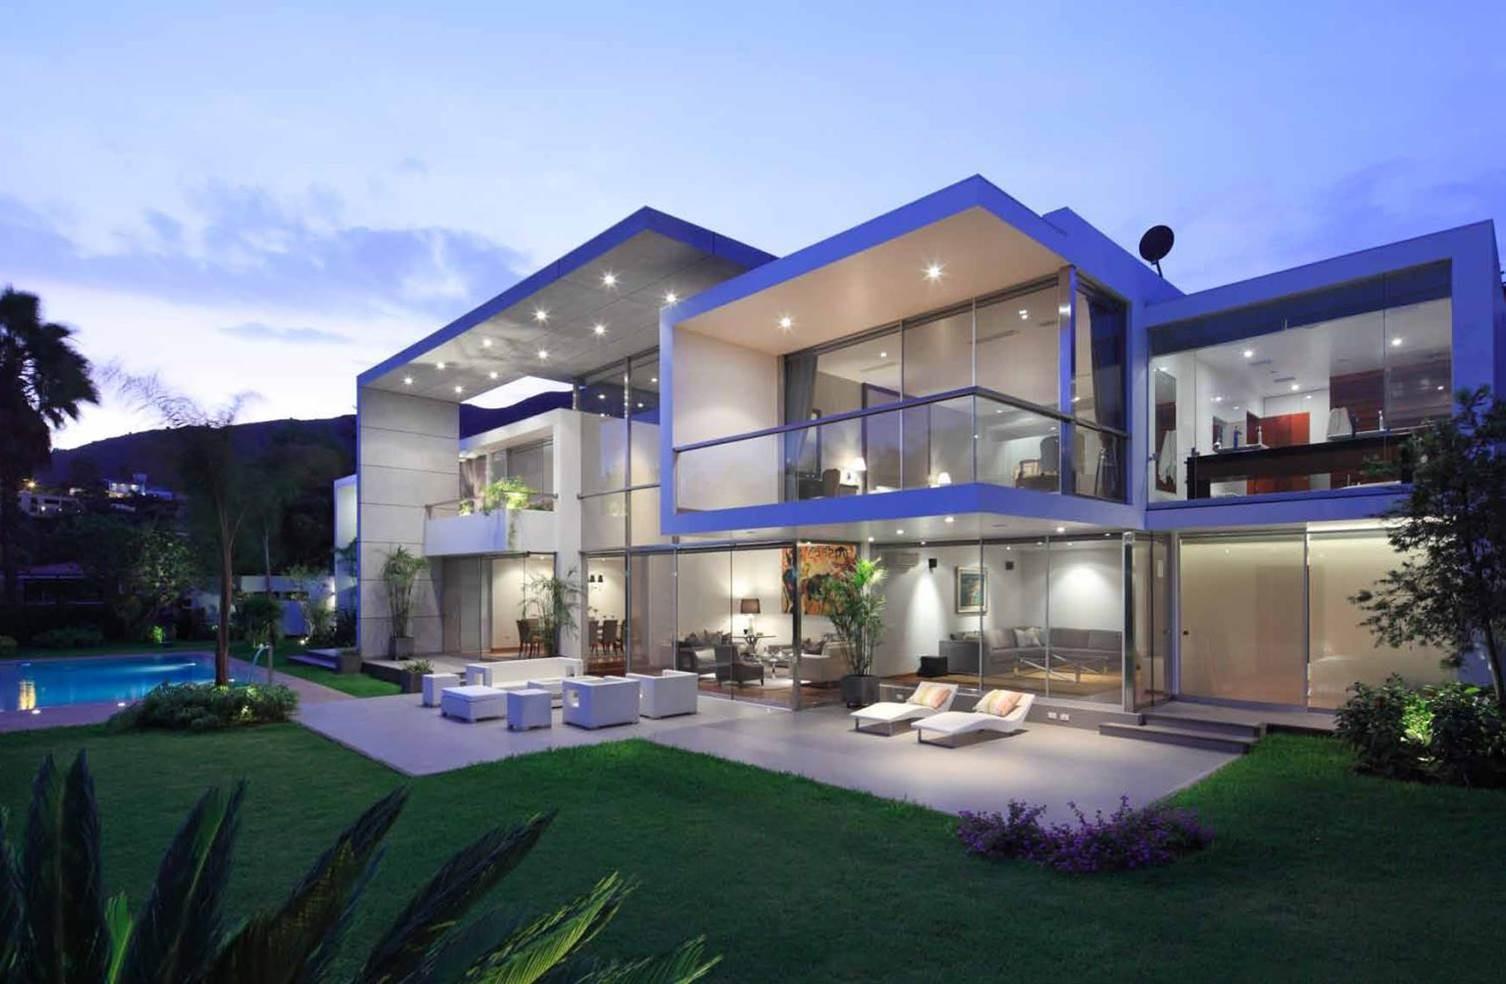 Galer a de fallo del jurado para la i bienal de for Casa de los azulejos arquitectura